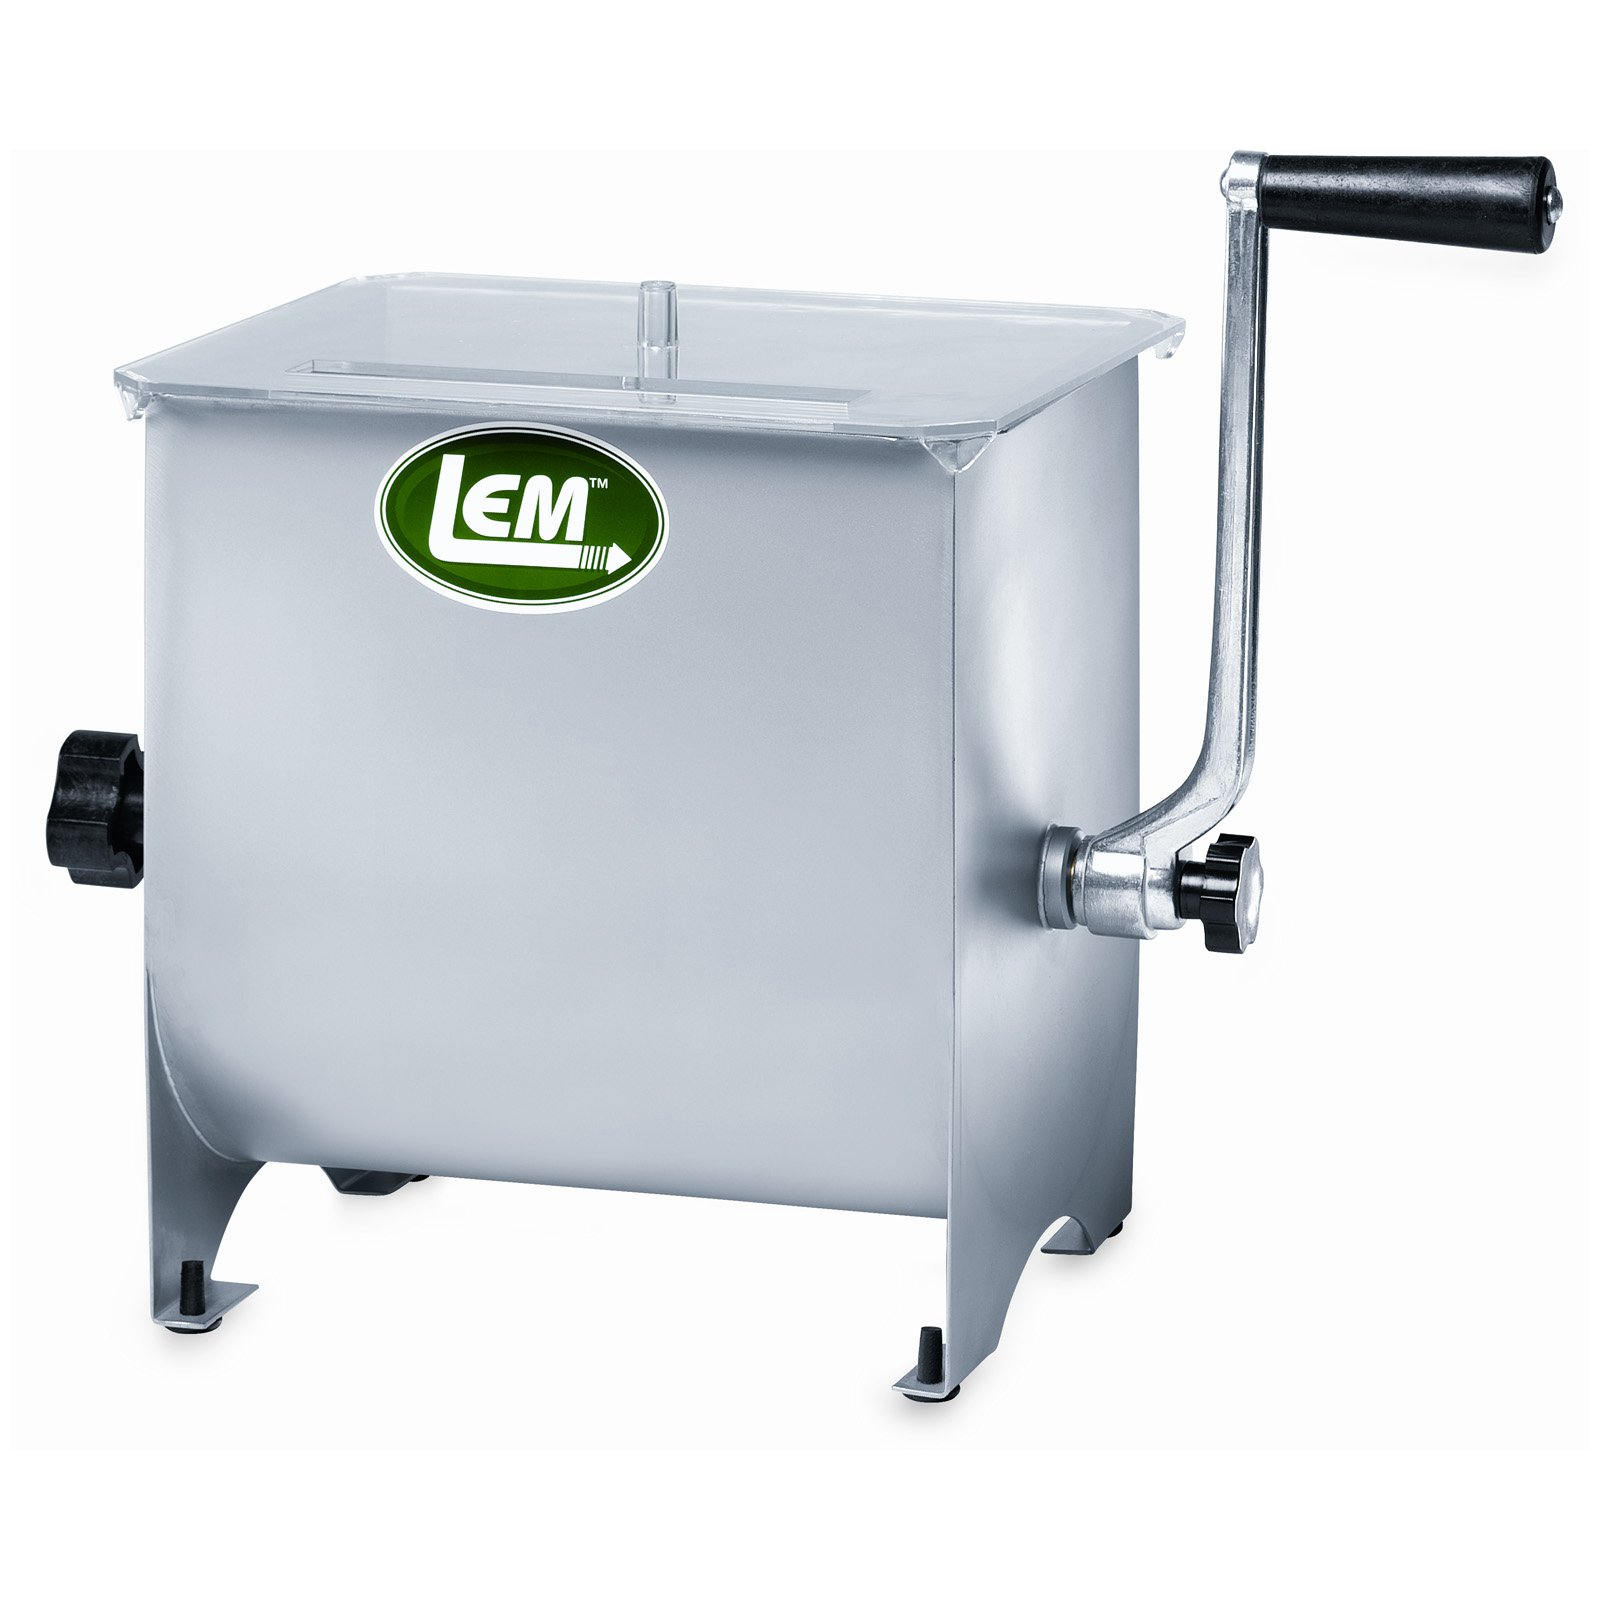 LEM Manual Meat Mixer, 20 lb Capacity - Walmart.com